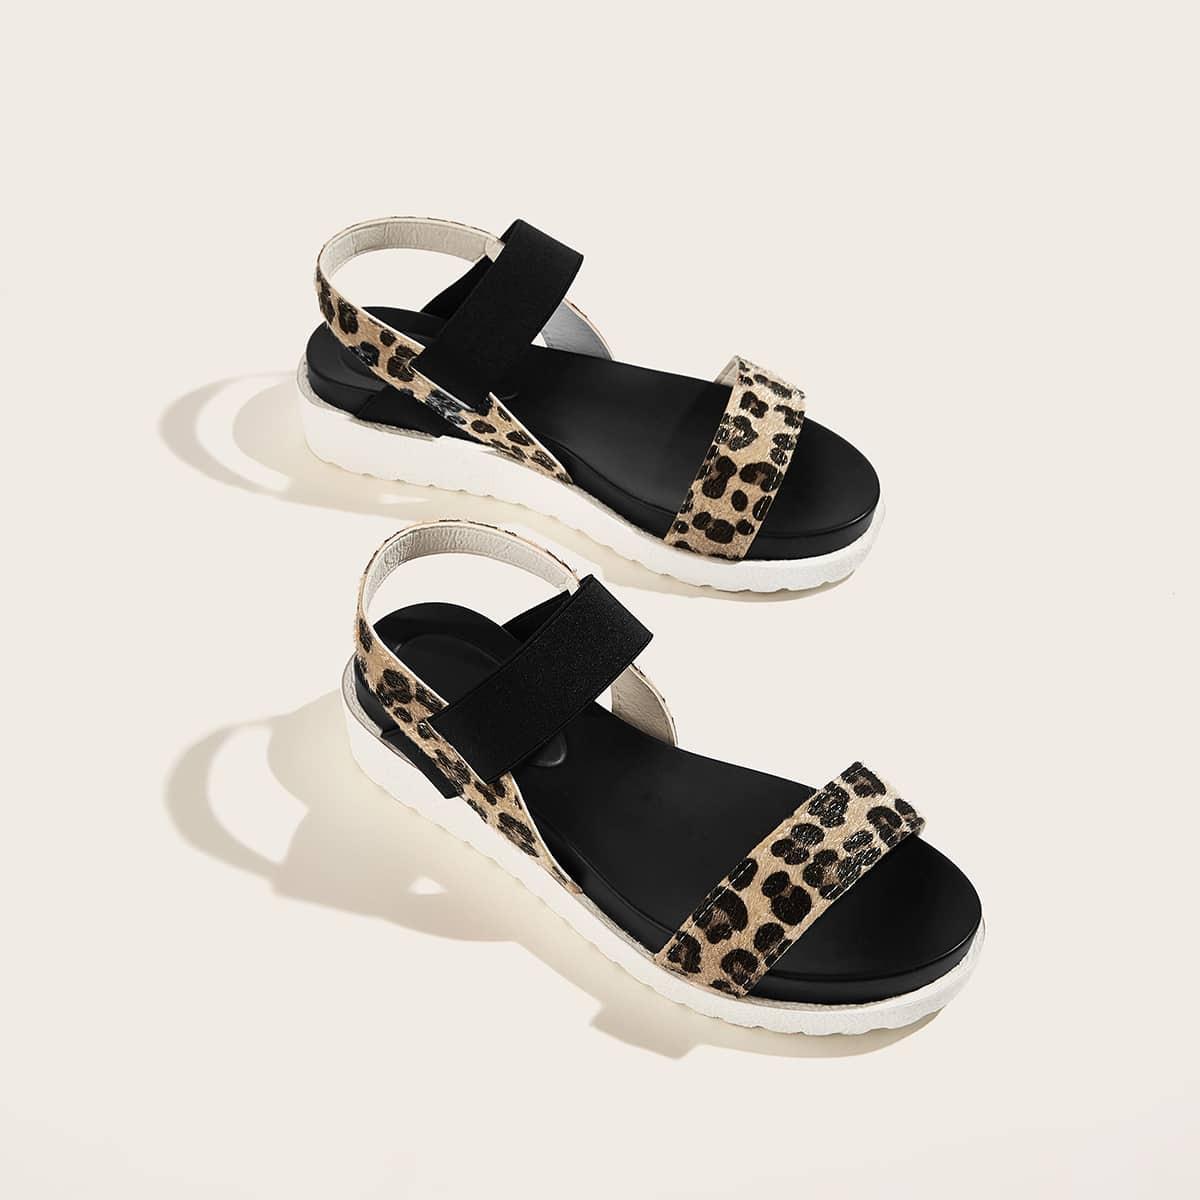 Sandalen met elastische band in luipaardprint